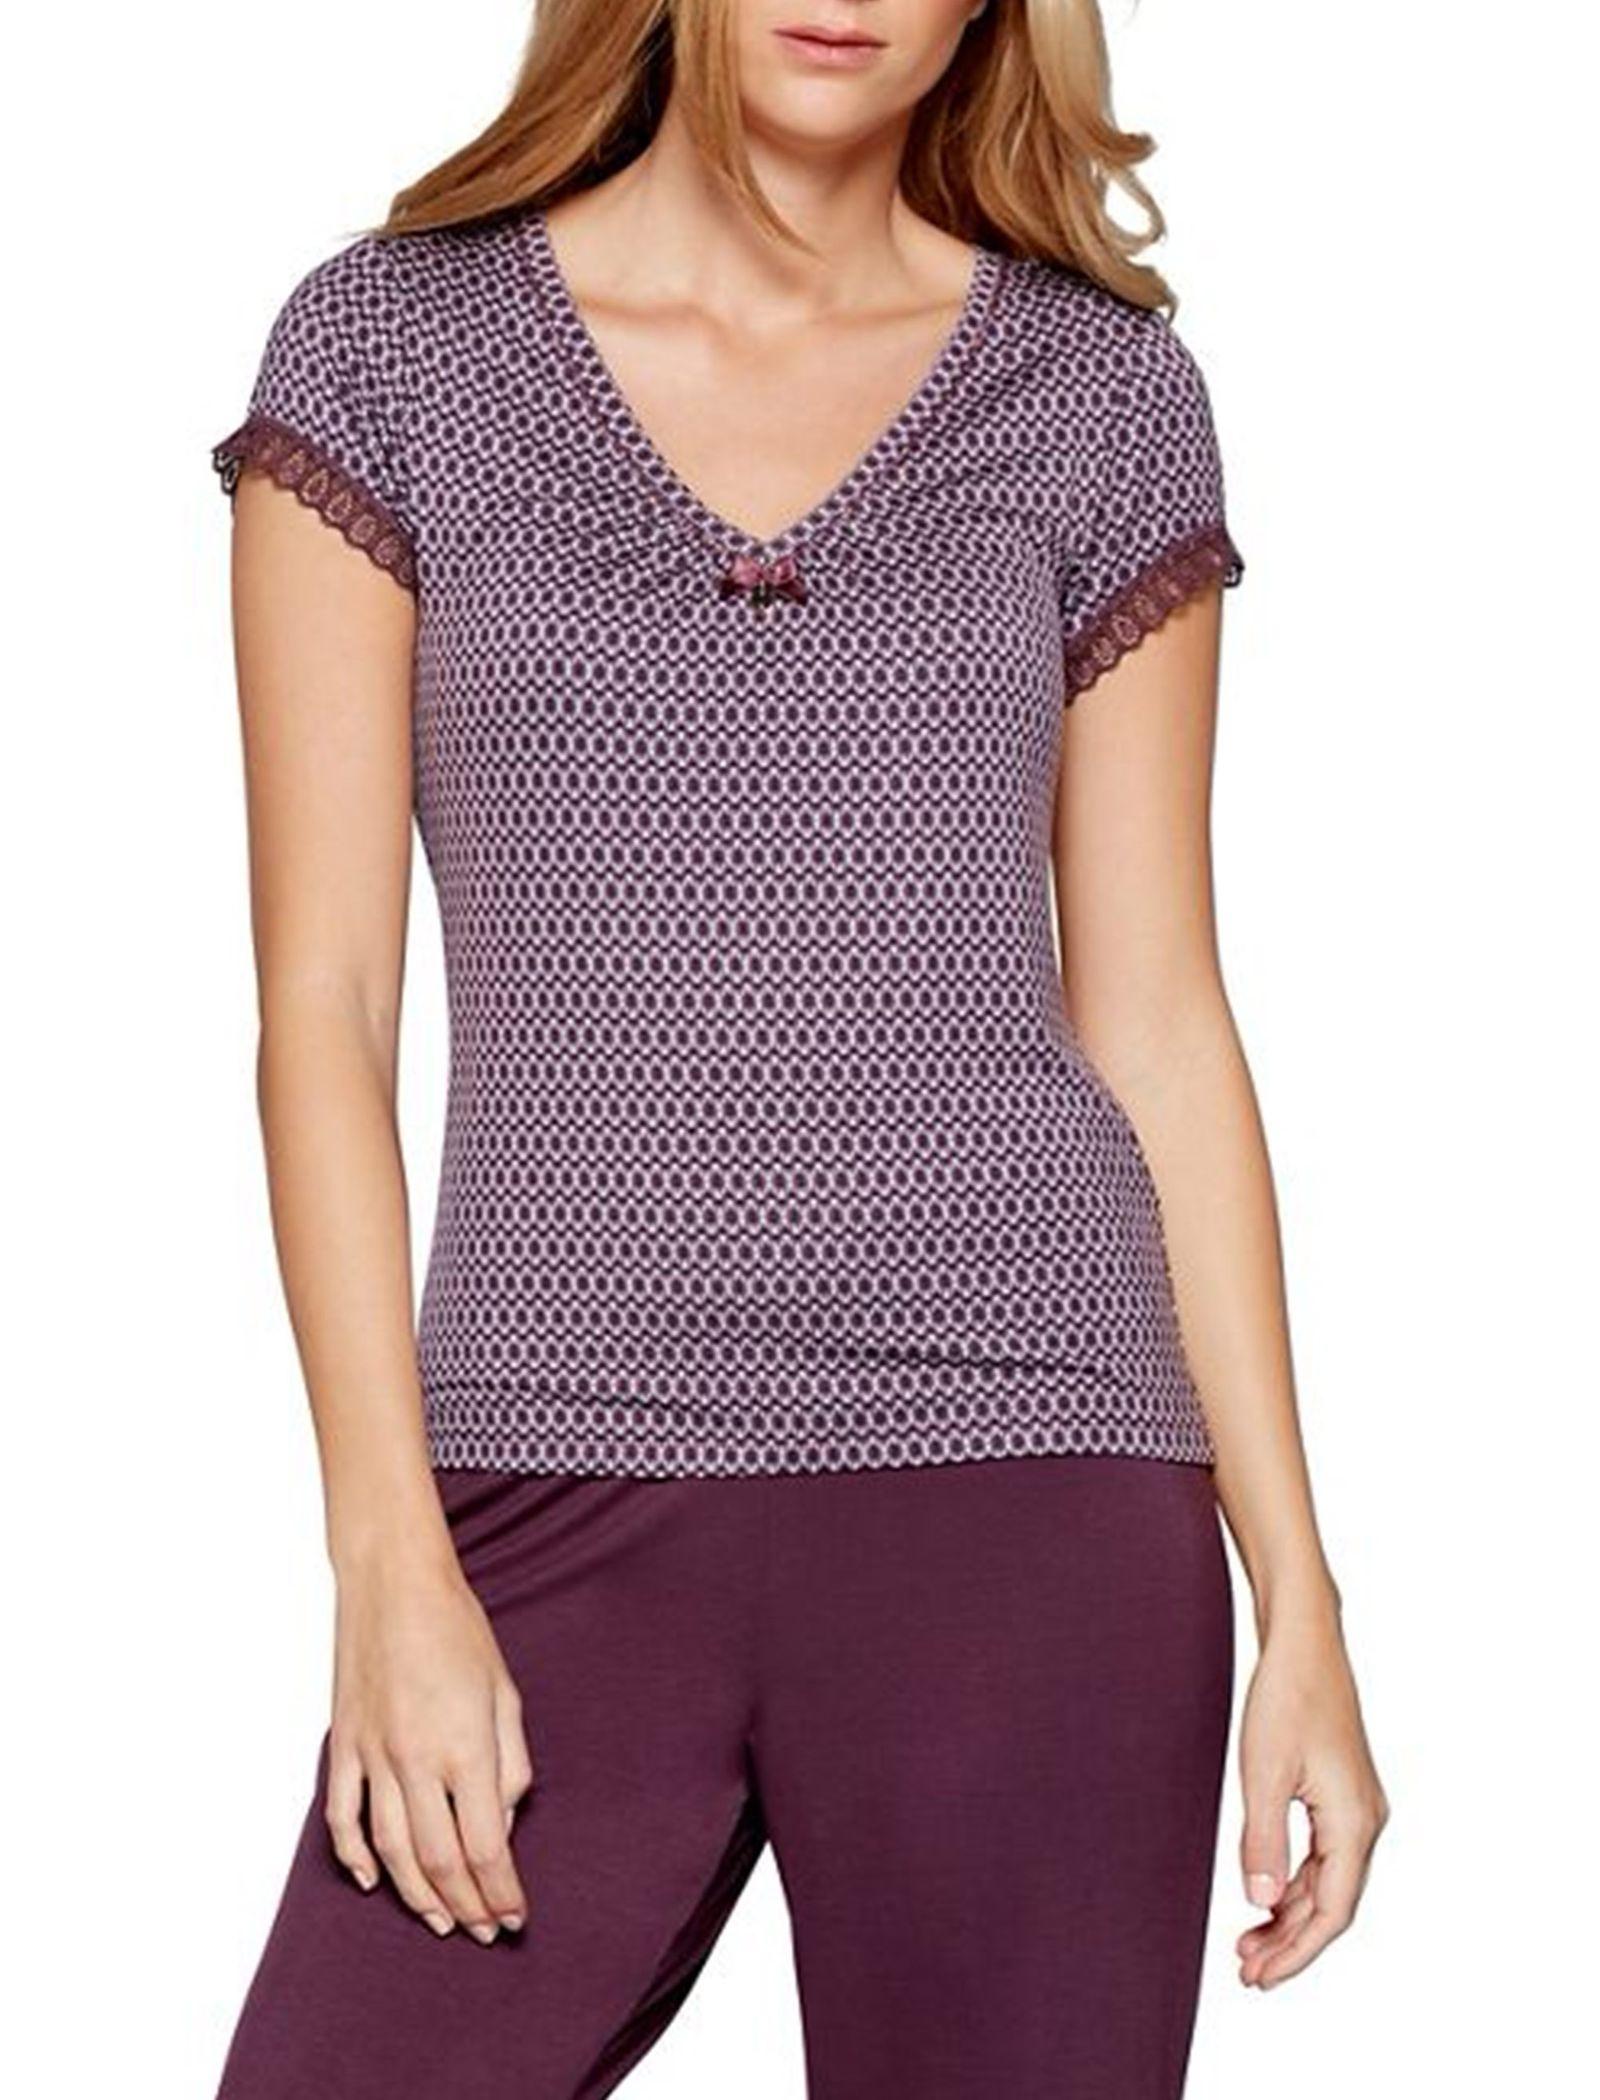 تی شرت راحتی ویسکوز زنانه City Chic - جی بای جسپرکنران - بنفش - 2